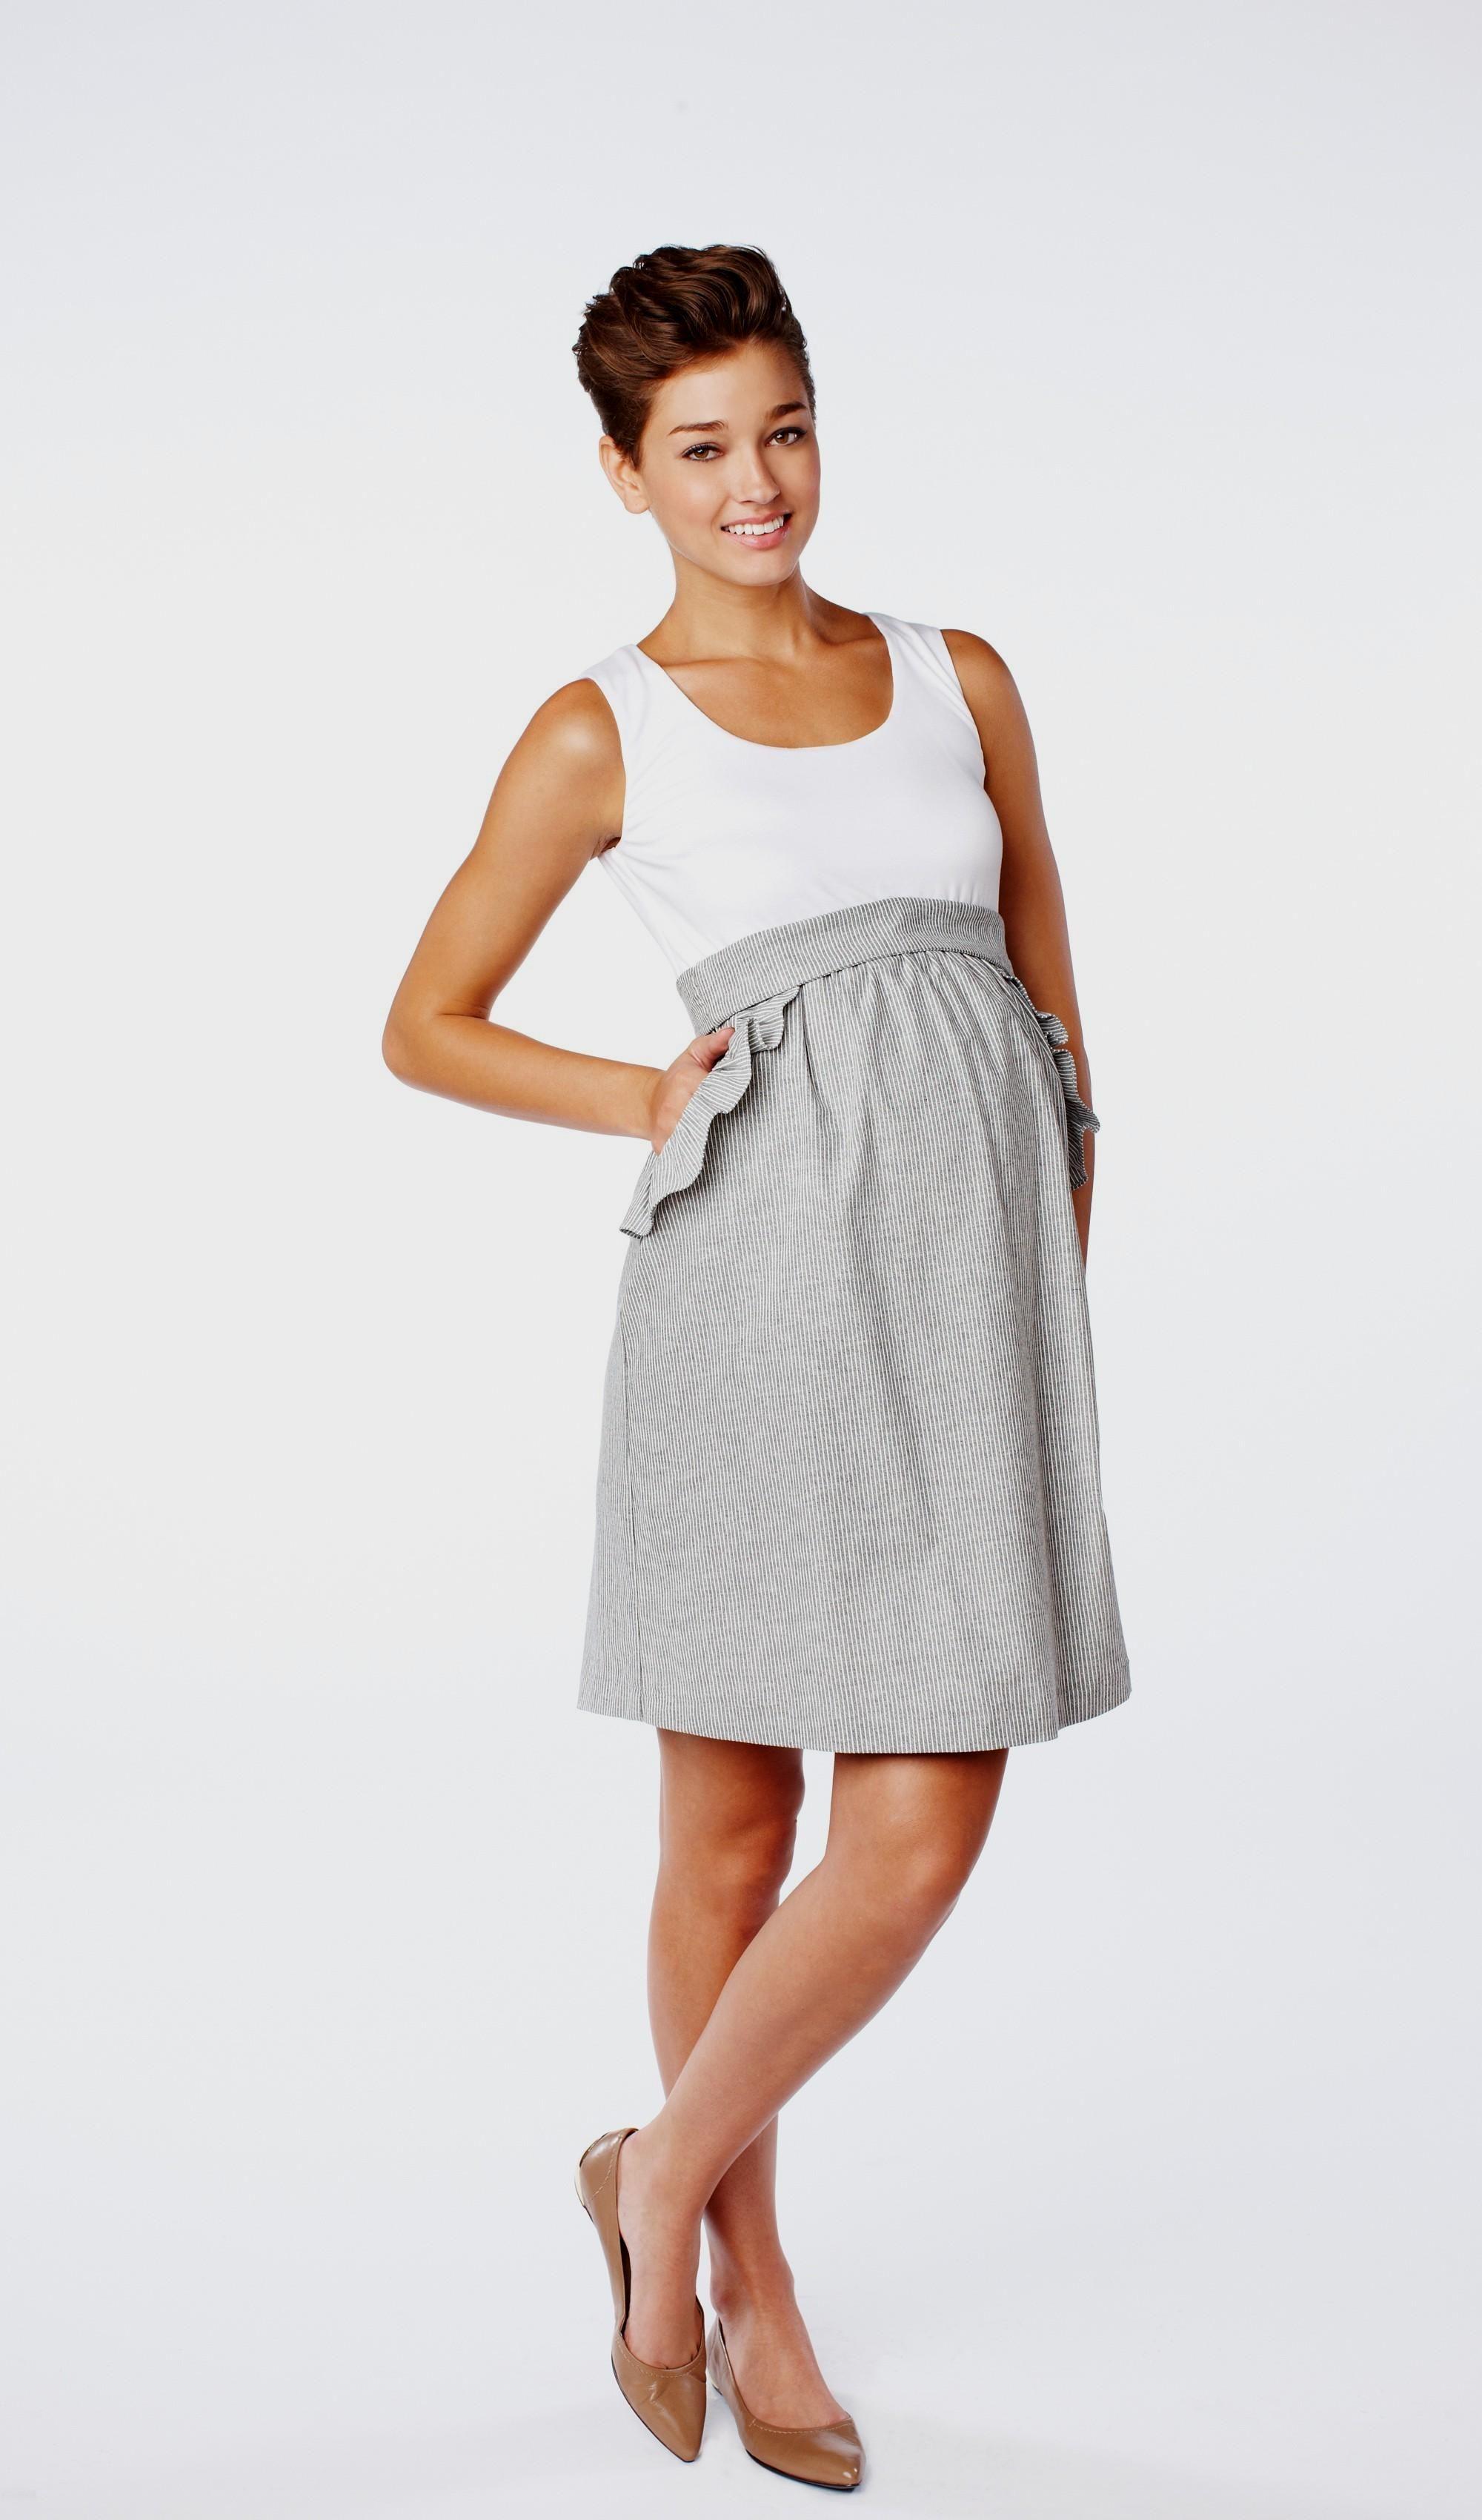 Ebay plus size maternity dresses color dress pinterest plus ebay plus size maternity dresses ombrellifo Images